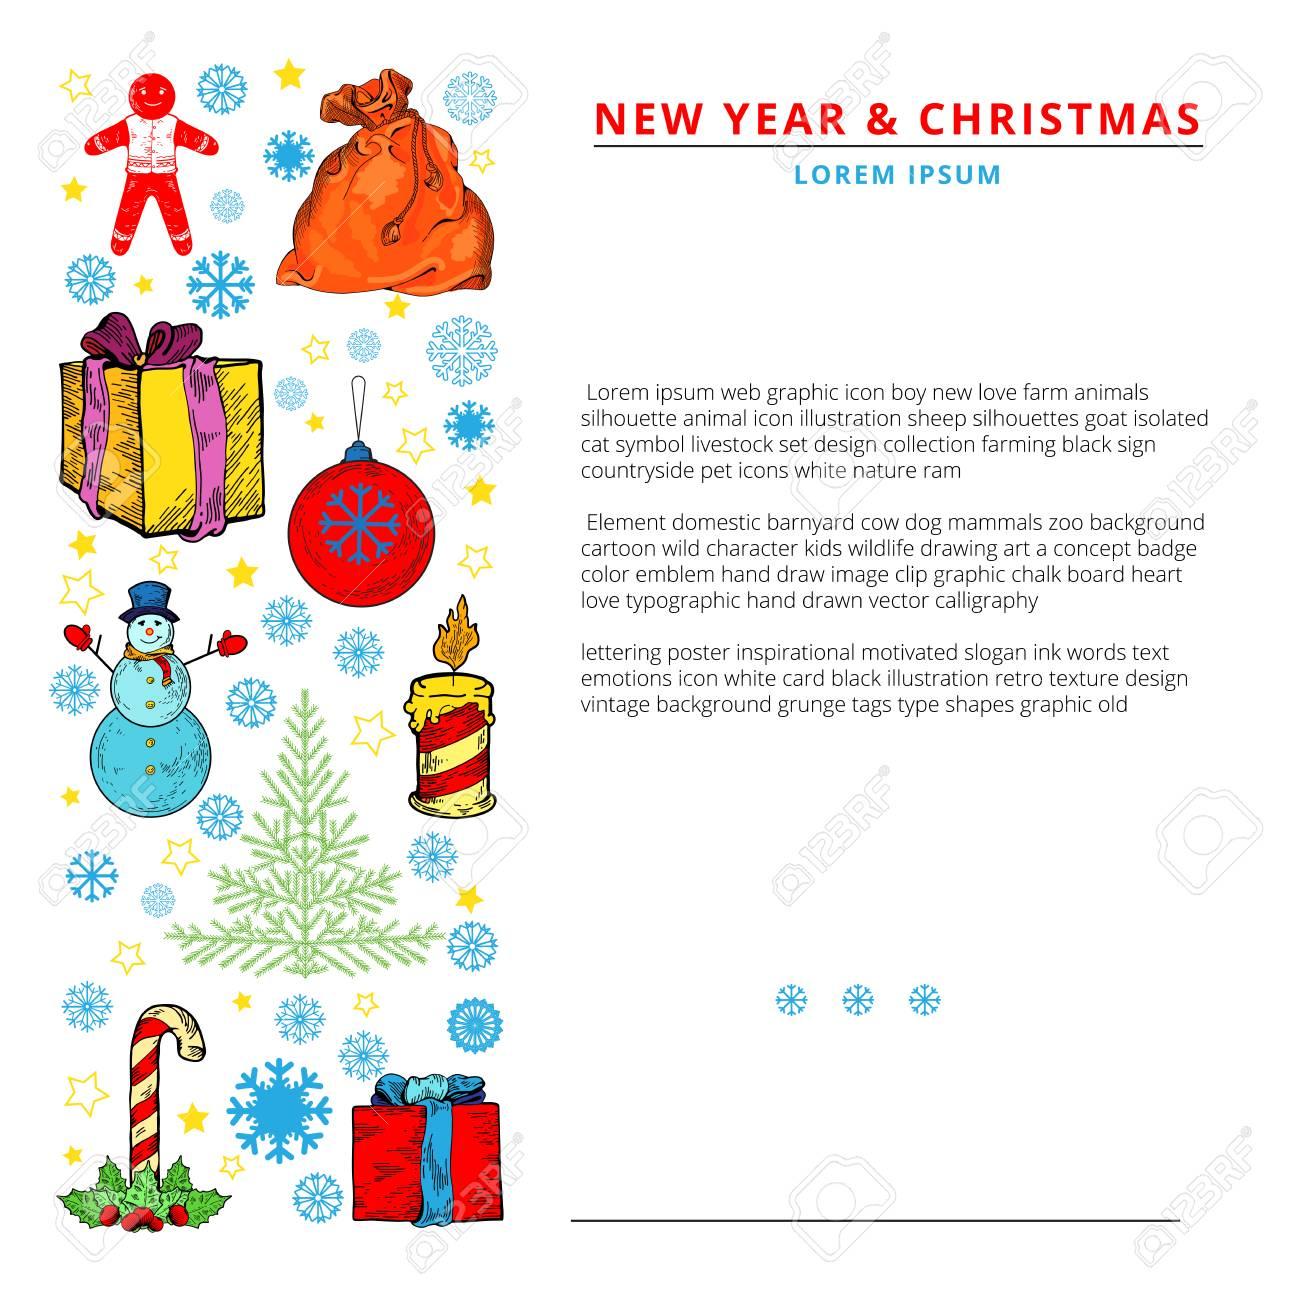 Weihnachtsfeier Konzept - Viele Weihnachten Und Neujahr Symbole Auf ...